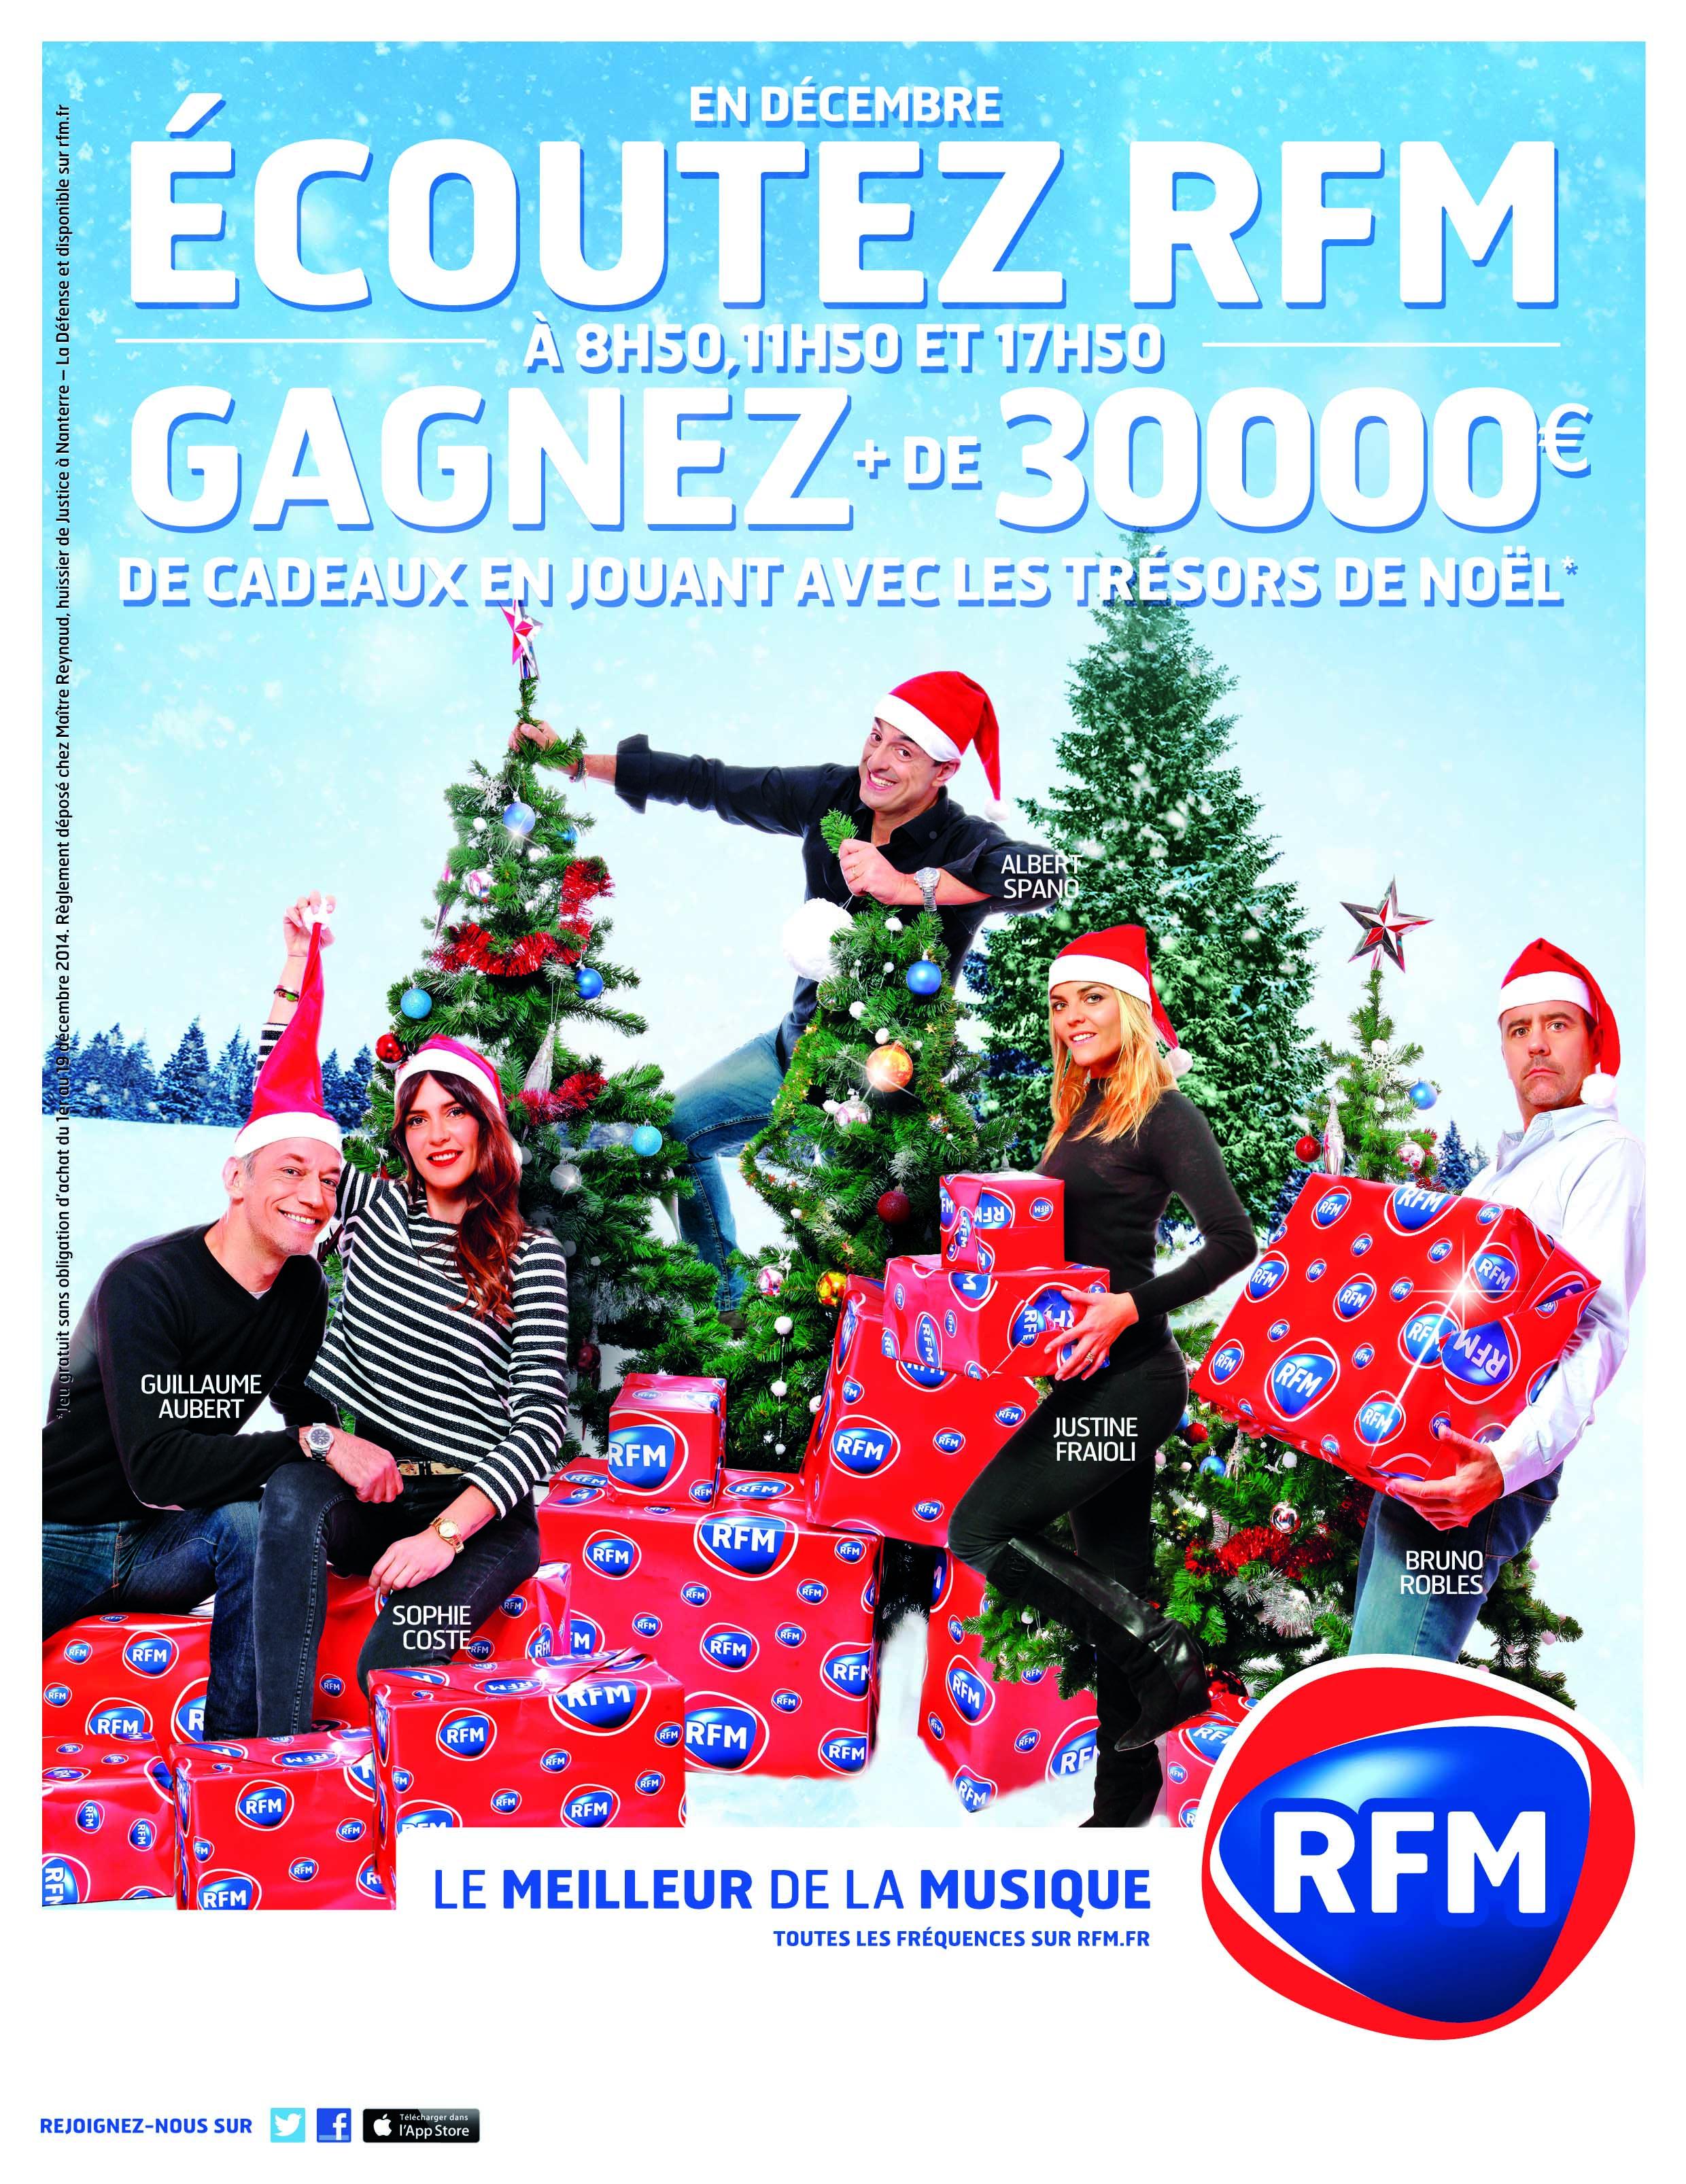 30 000 euros de cadeaux à gagner sur RFM